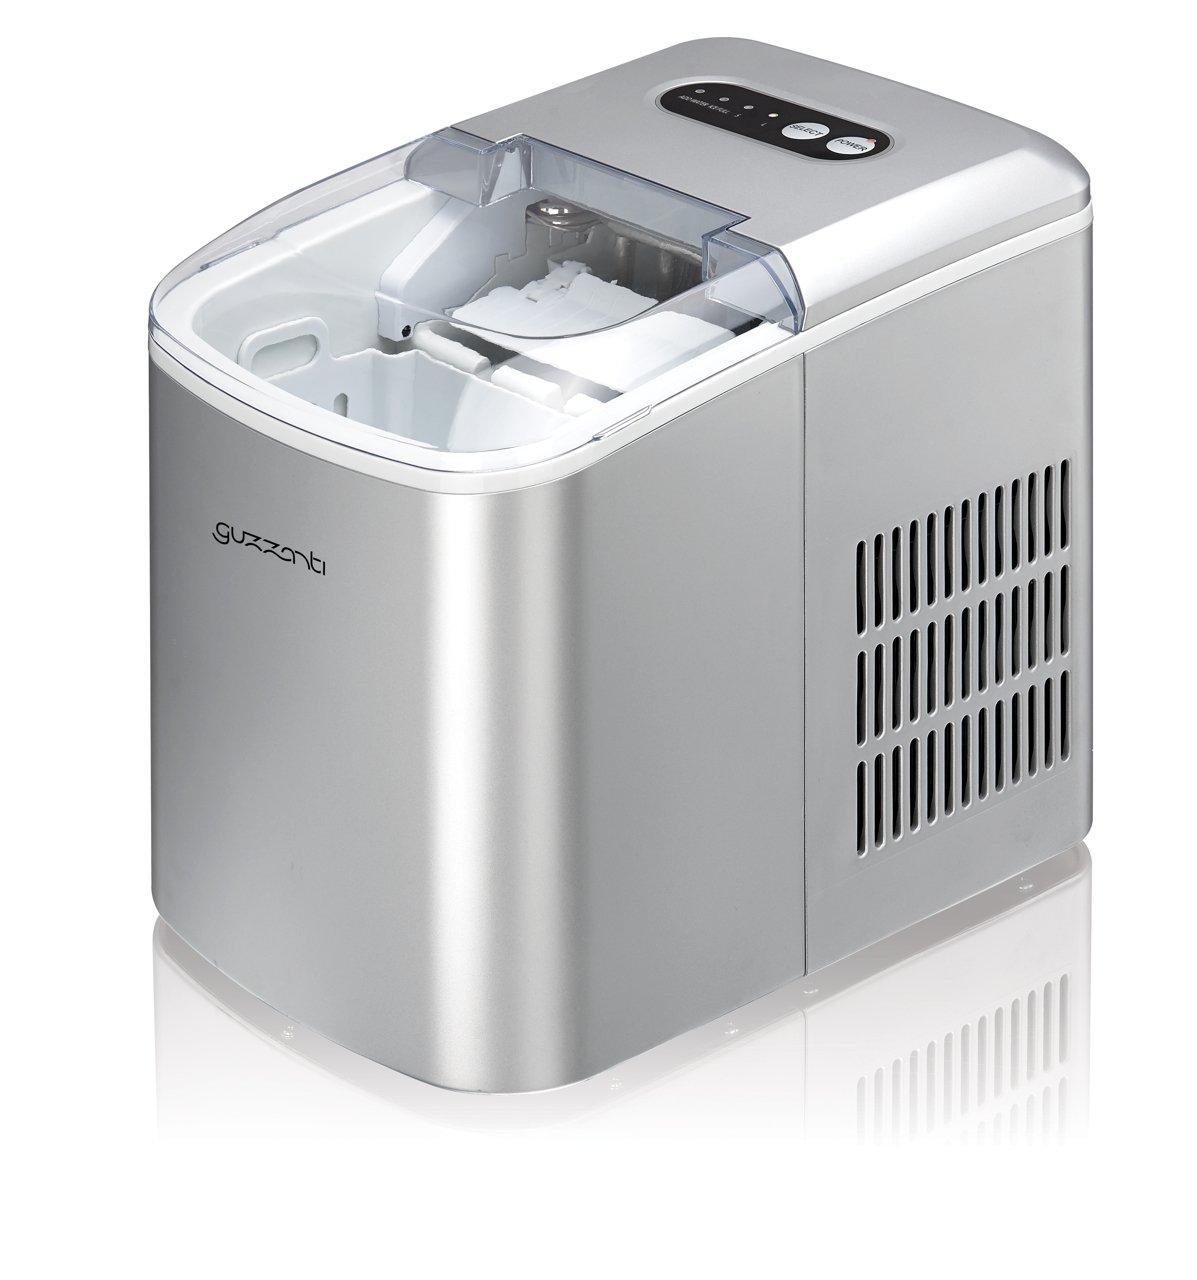 Guzzanti GZ-120 Eiswürfelmaschine, 2.1 L, 120 W, weiß weiß